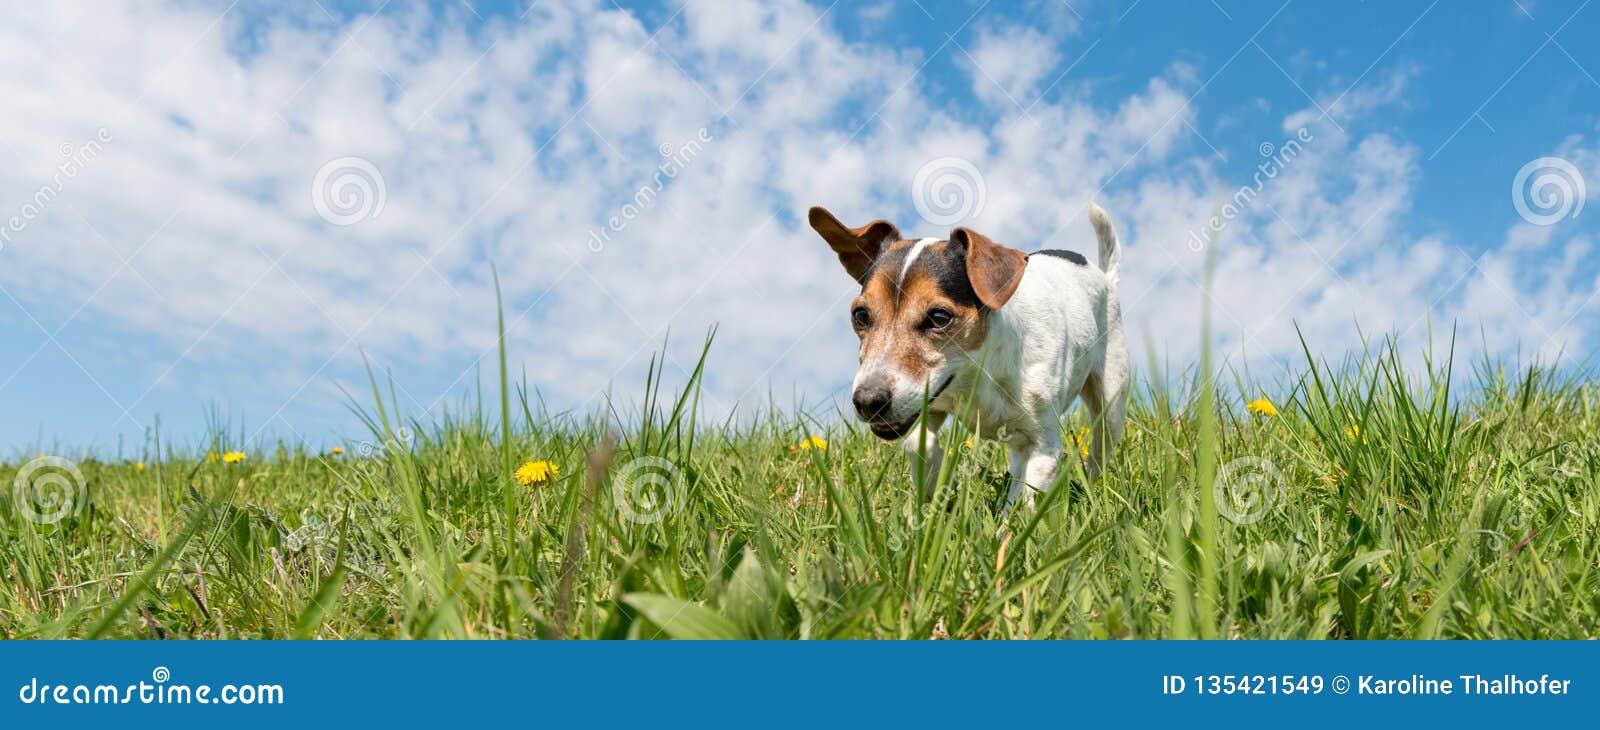 Perro de Jack Russell Terrier en un prado delante del cielo azul